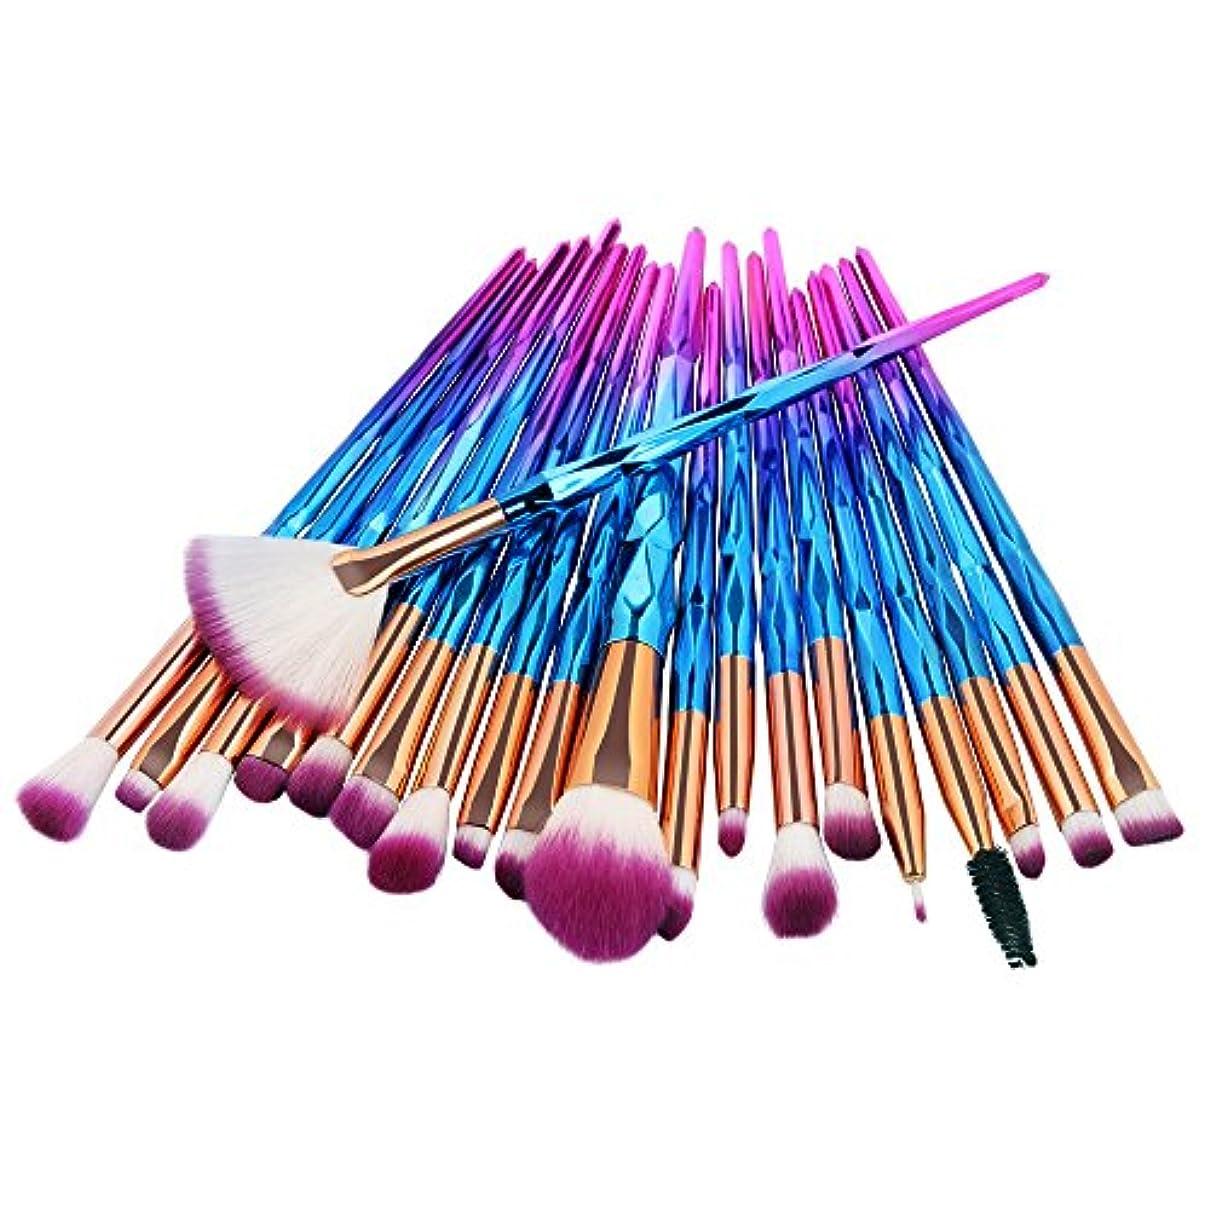 黒板バンク手を差し伸べるFeteso メイクブラシ メイクブラシセット 多色 20 本セット 人気 化粧ブラシ ふわふわ 敏感肌適用 メイク道具 プレゼント アイシャドウ アイライナー Makeup Brushes Set